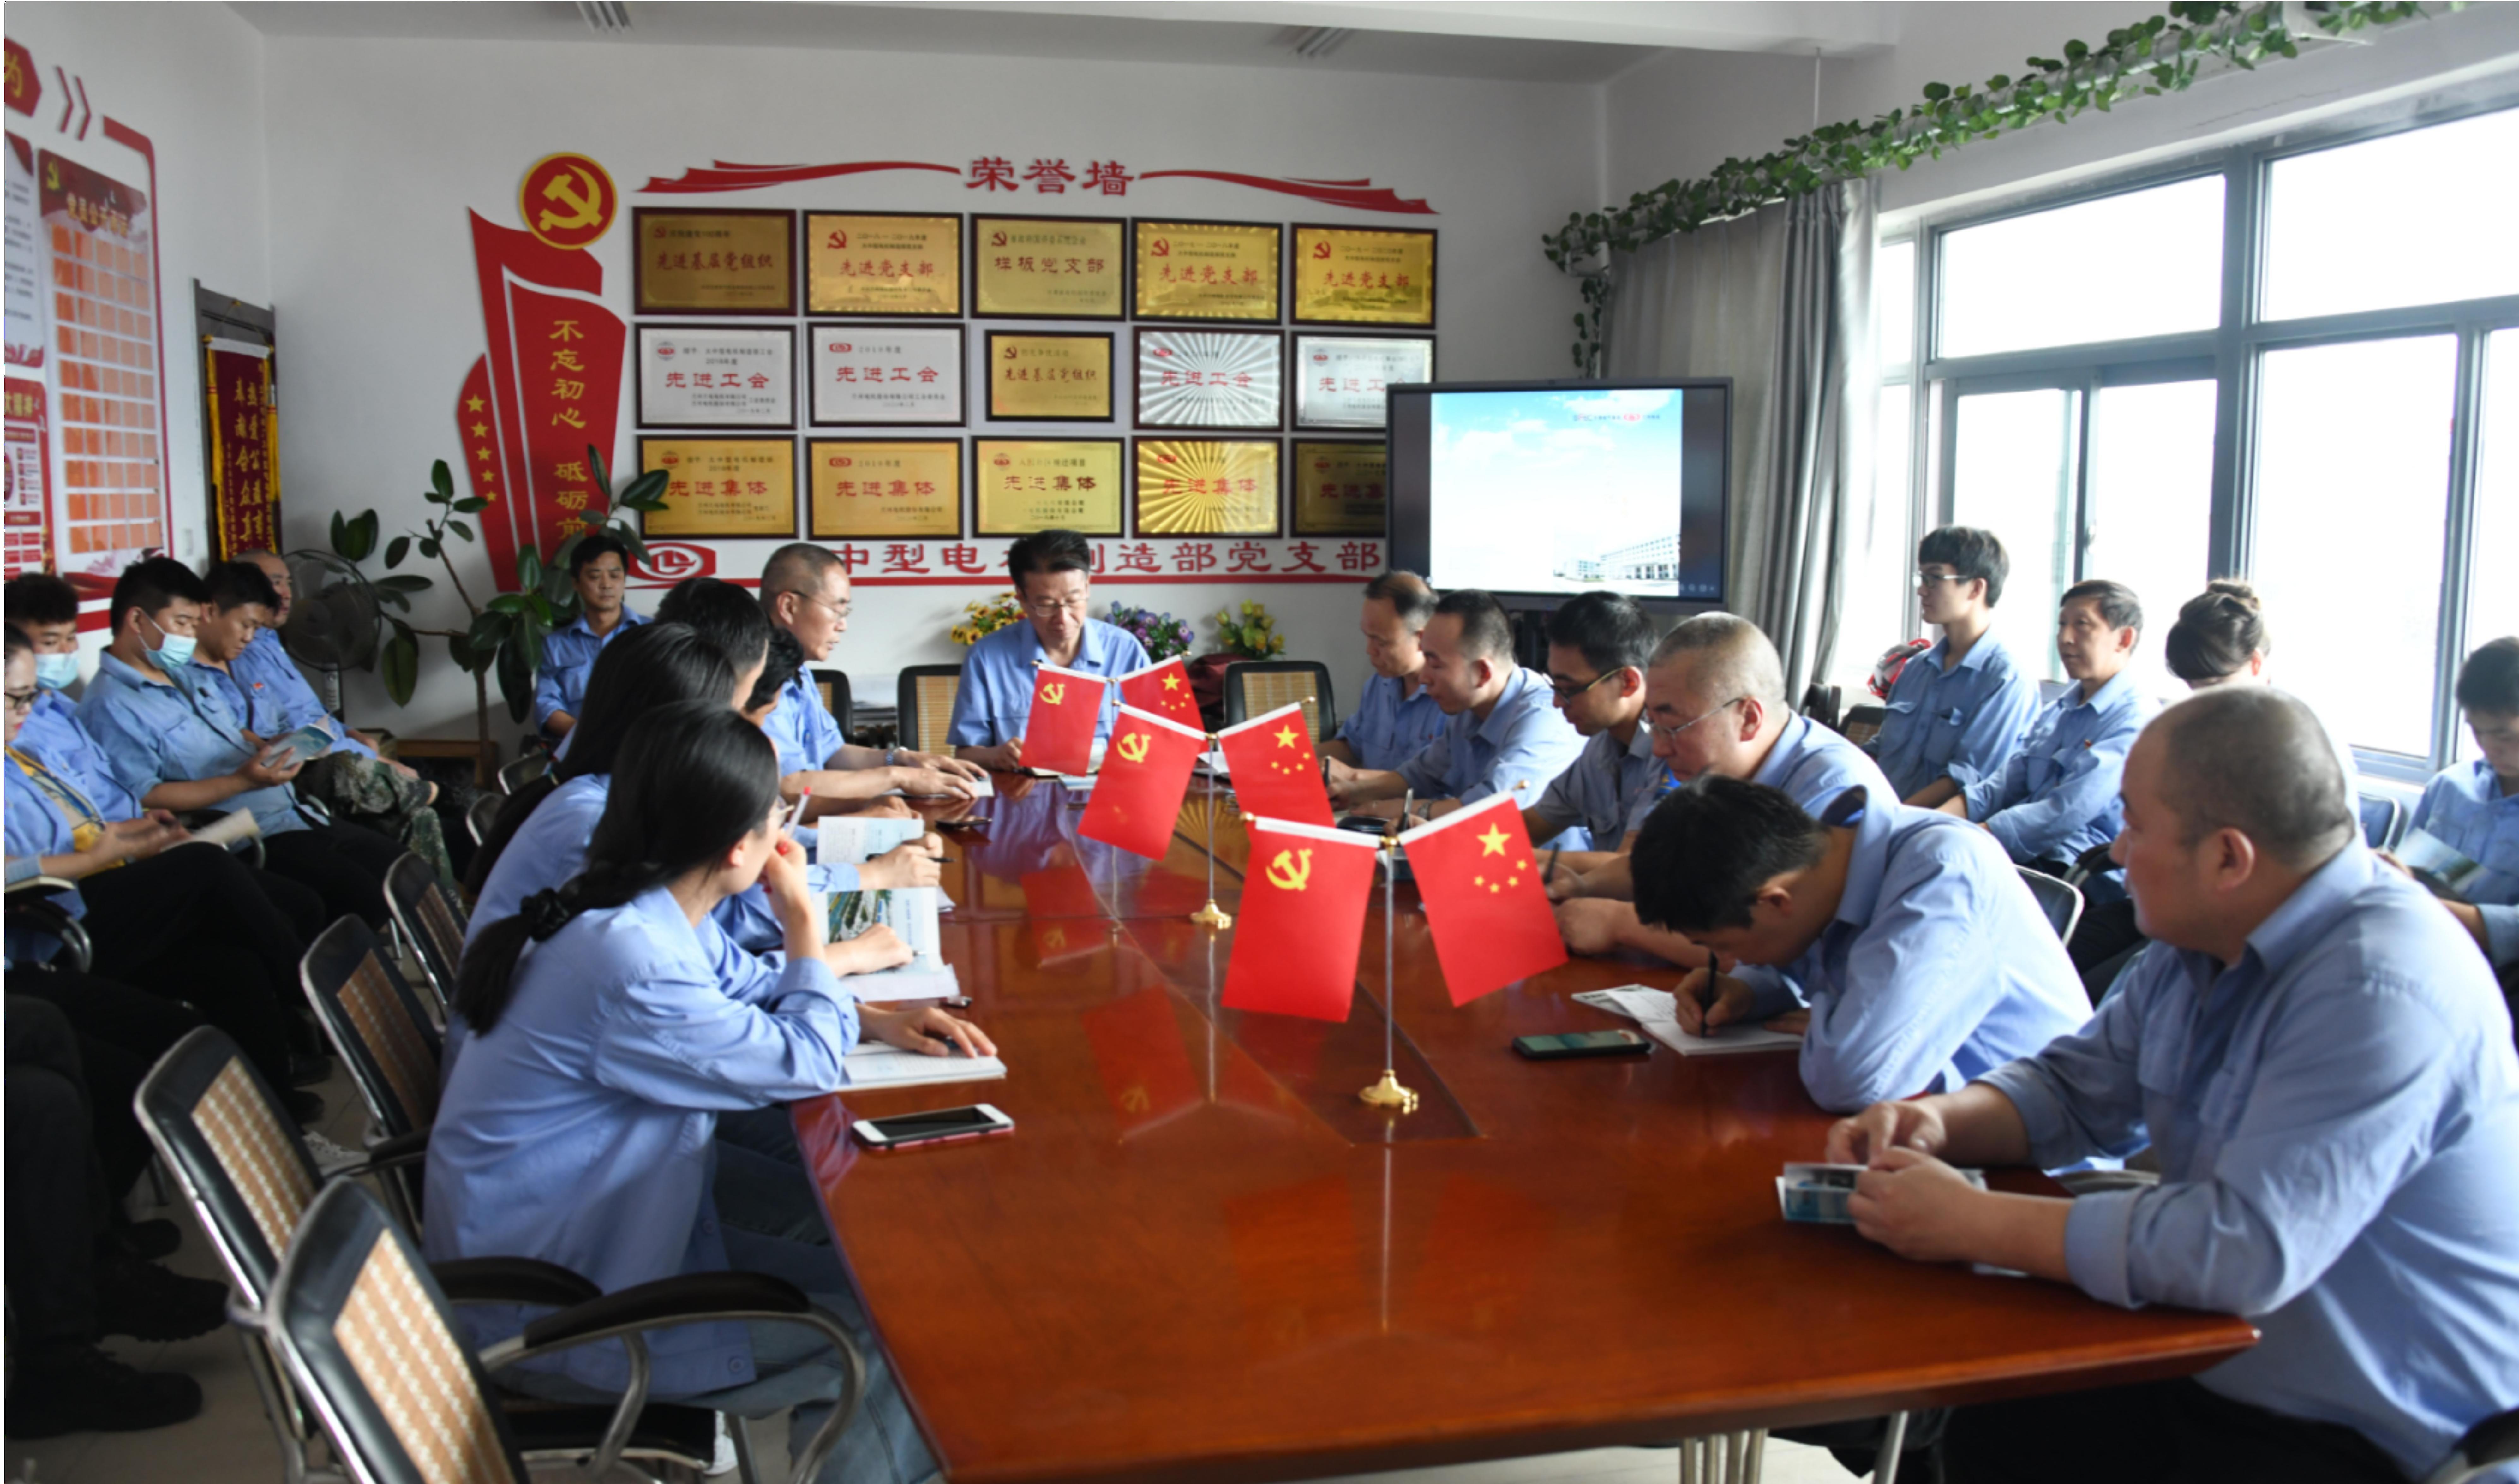 鄭興東為大中型線圈兩個支部宣講企業文化